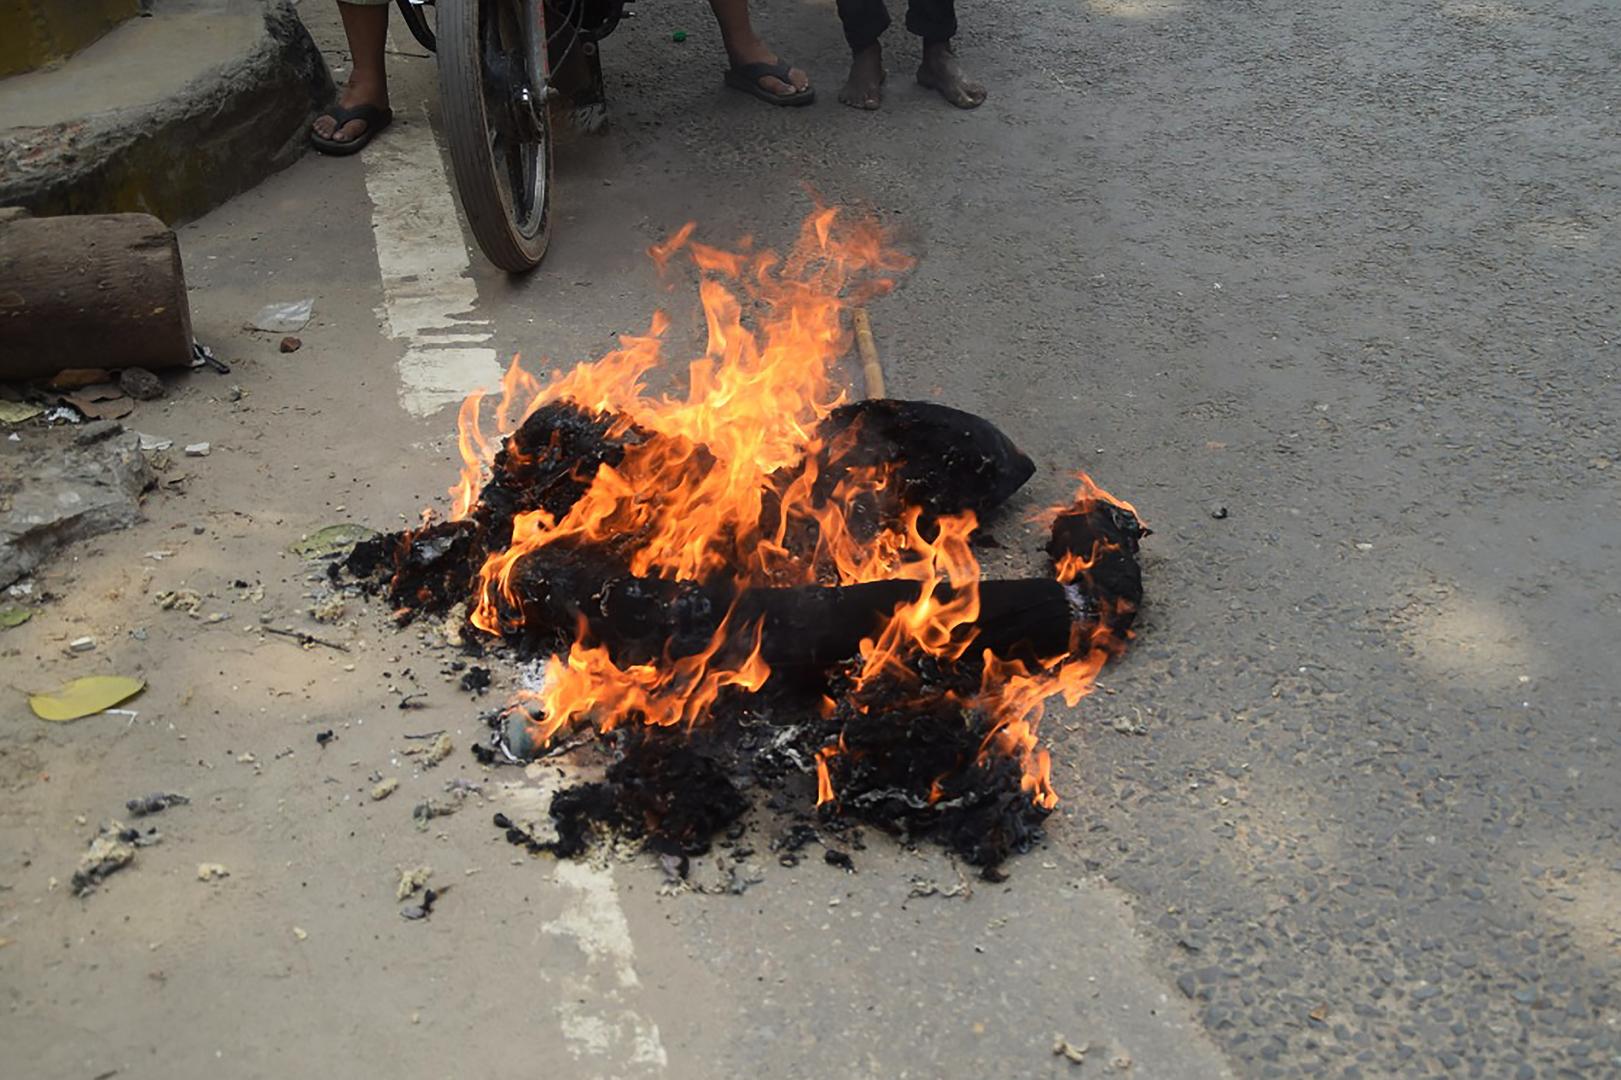 40 000 manifestants, une effigie brûlée : marche géante au Bangladesh contre les propos de Macron